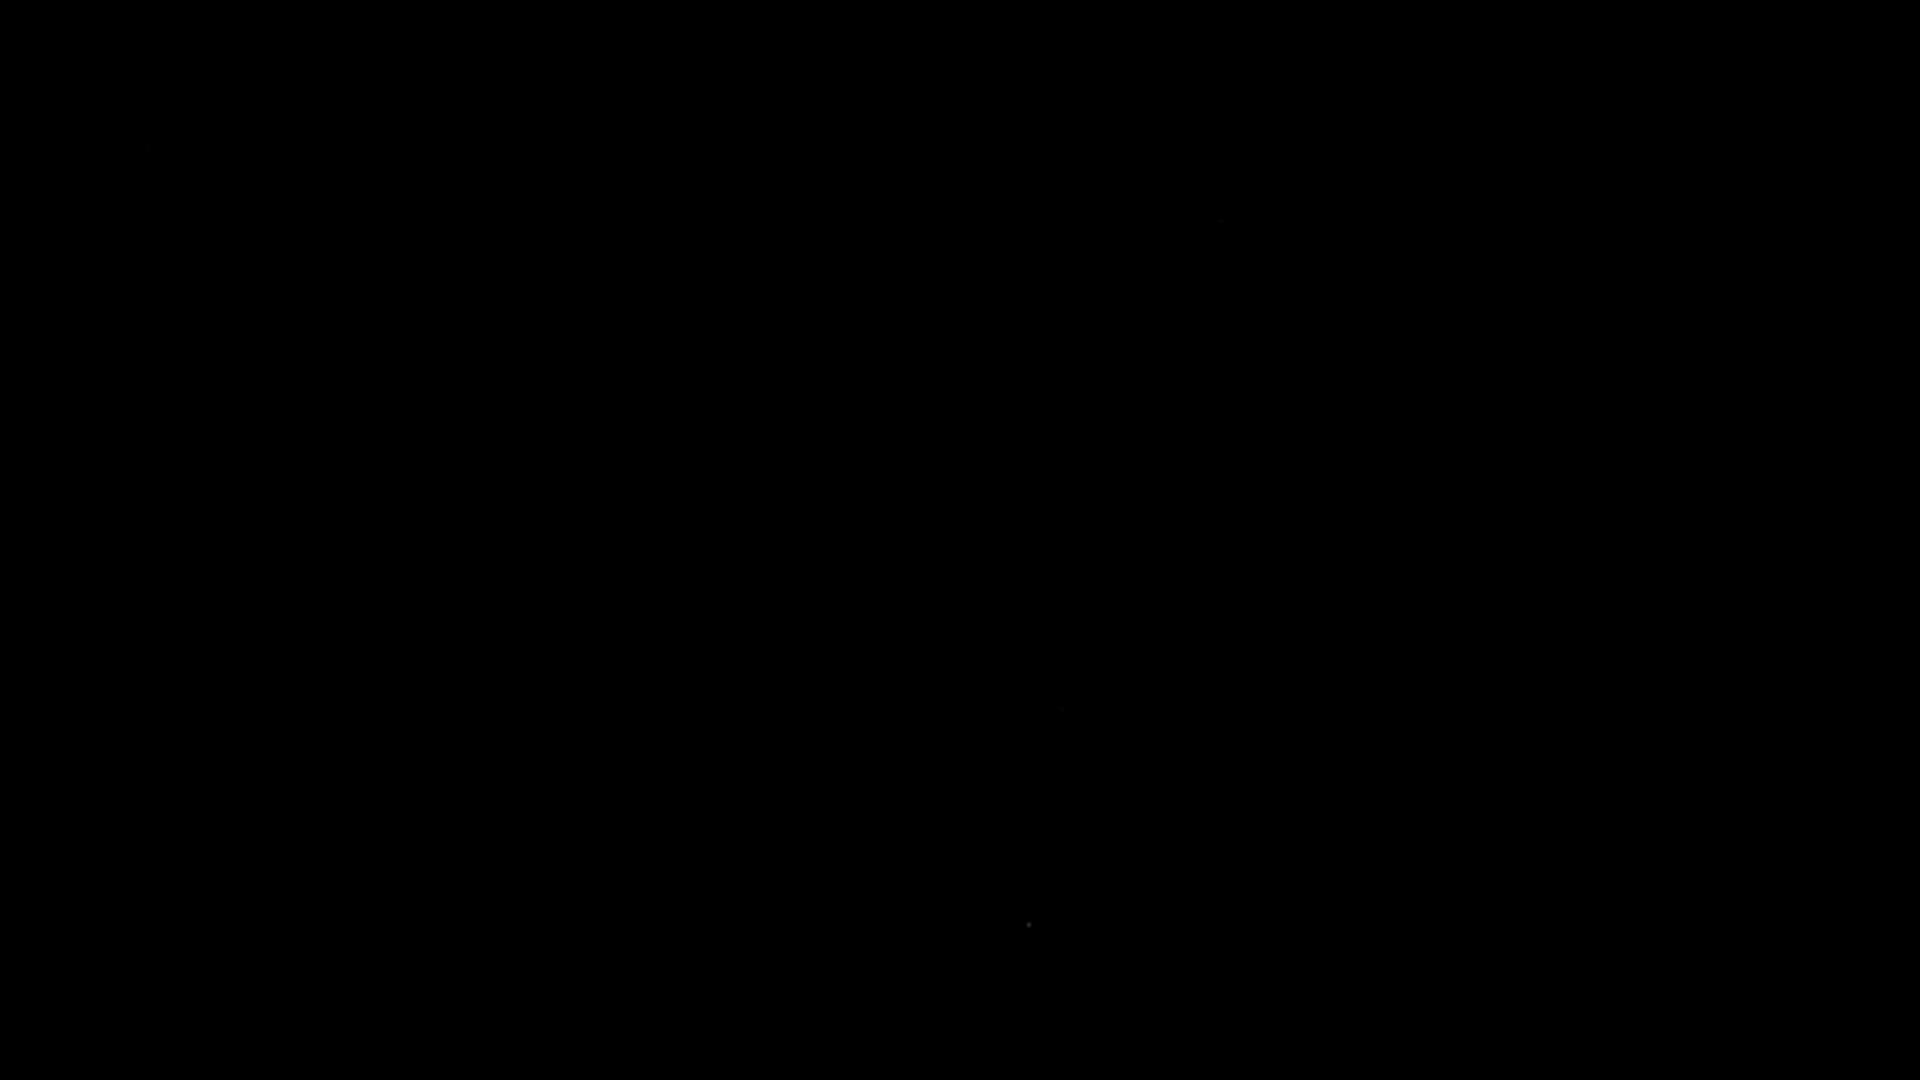 巨根 オナニー塾Vol.16 オナニー アダルトビデオ画像キャプチャ 106枚 32